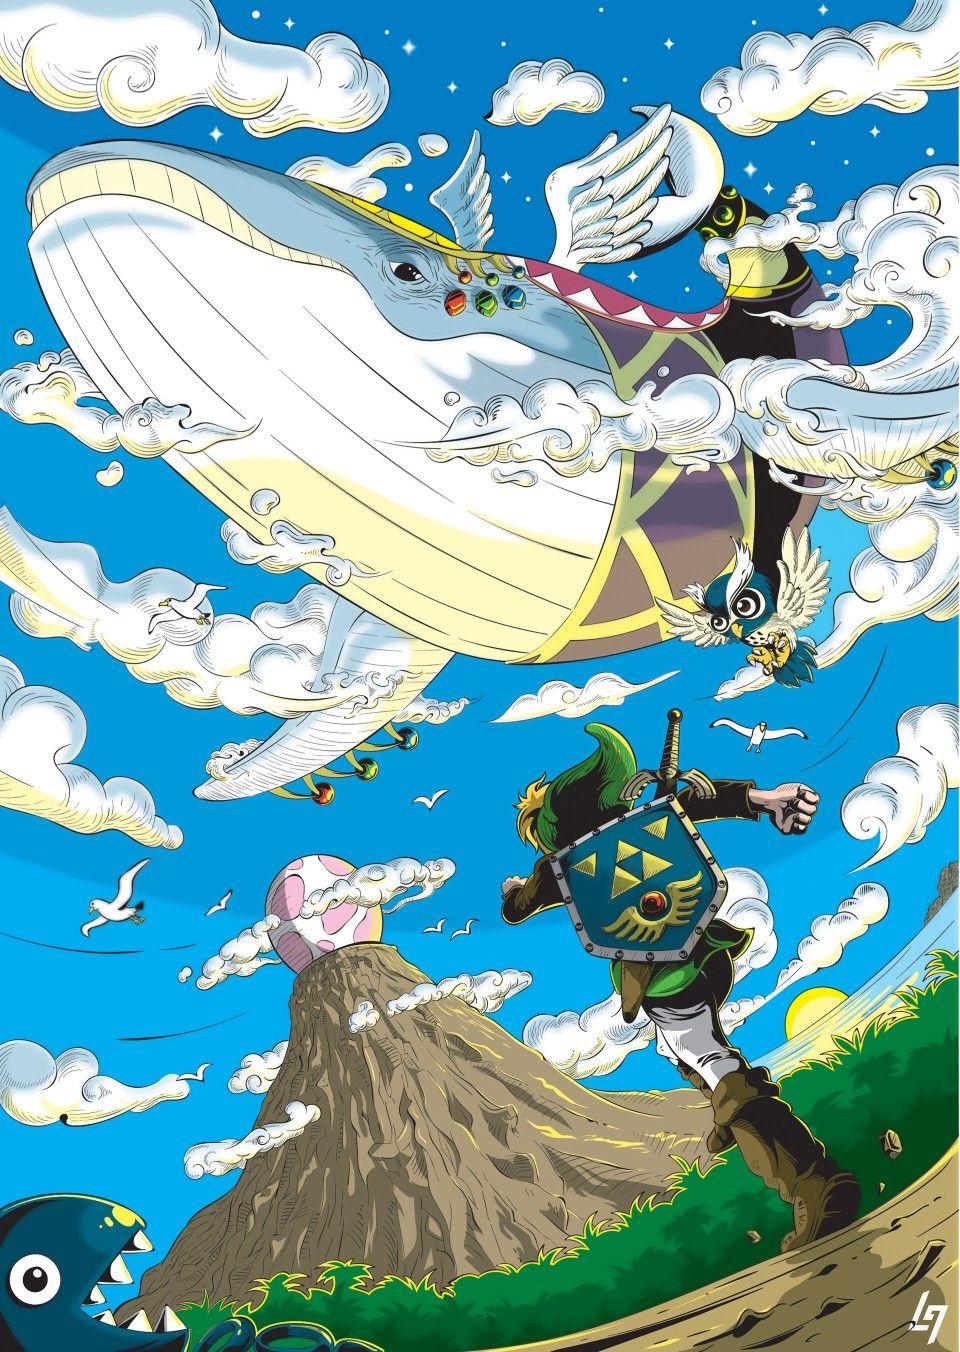 Legend Of Zelda Link S Awakening Art Link The Wind Fish By Leonard Guiam On Artstation Awakening Art Zelda Art Legend Of Zelda